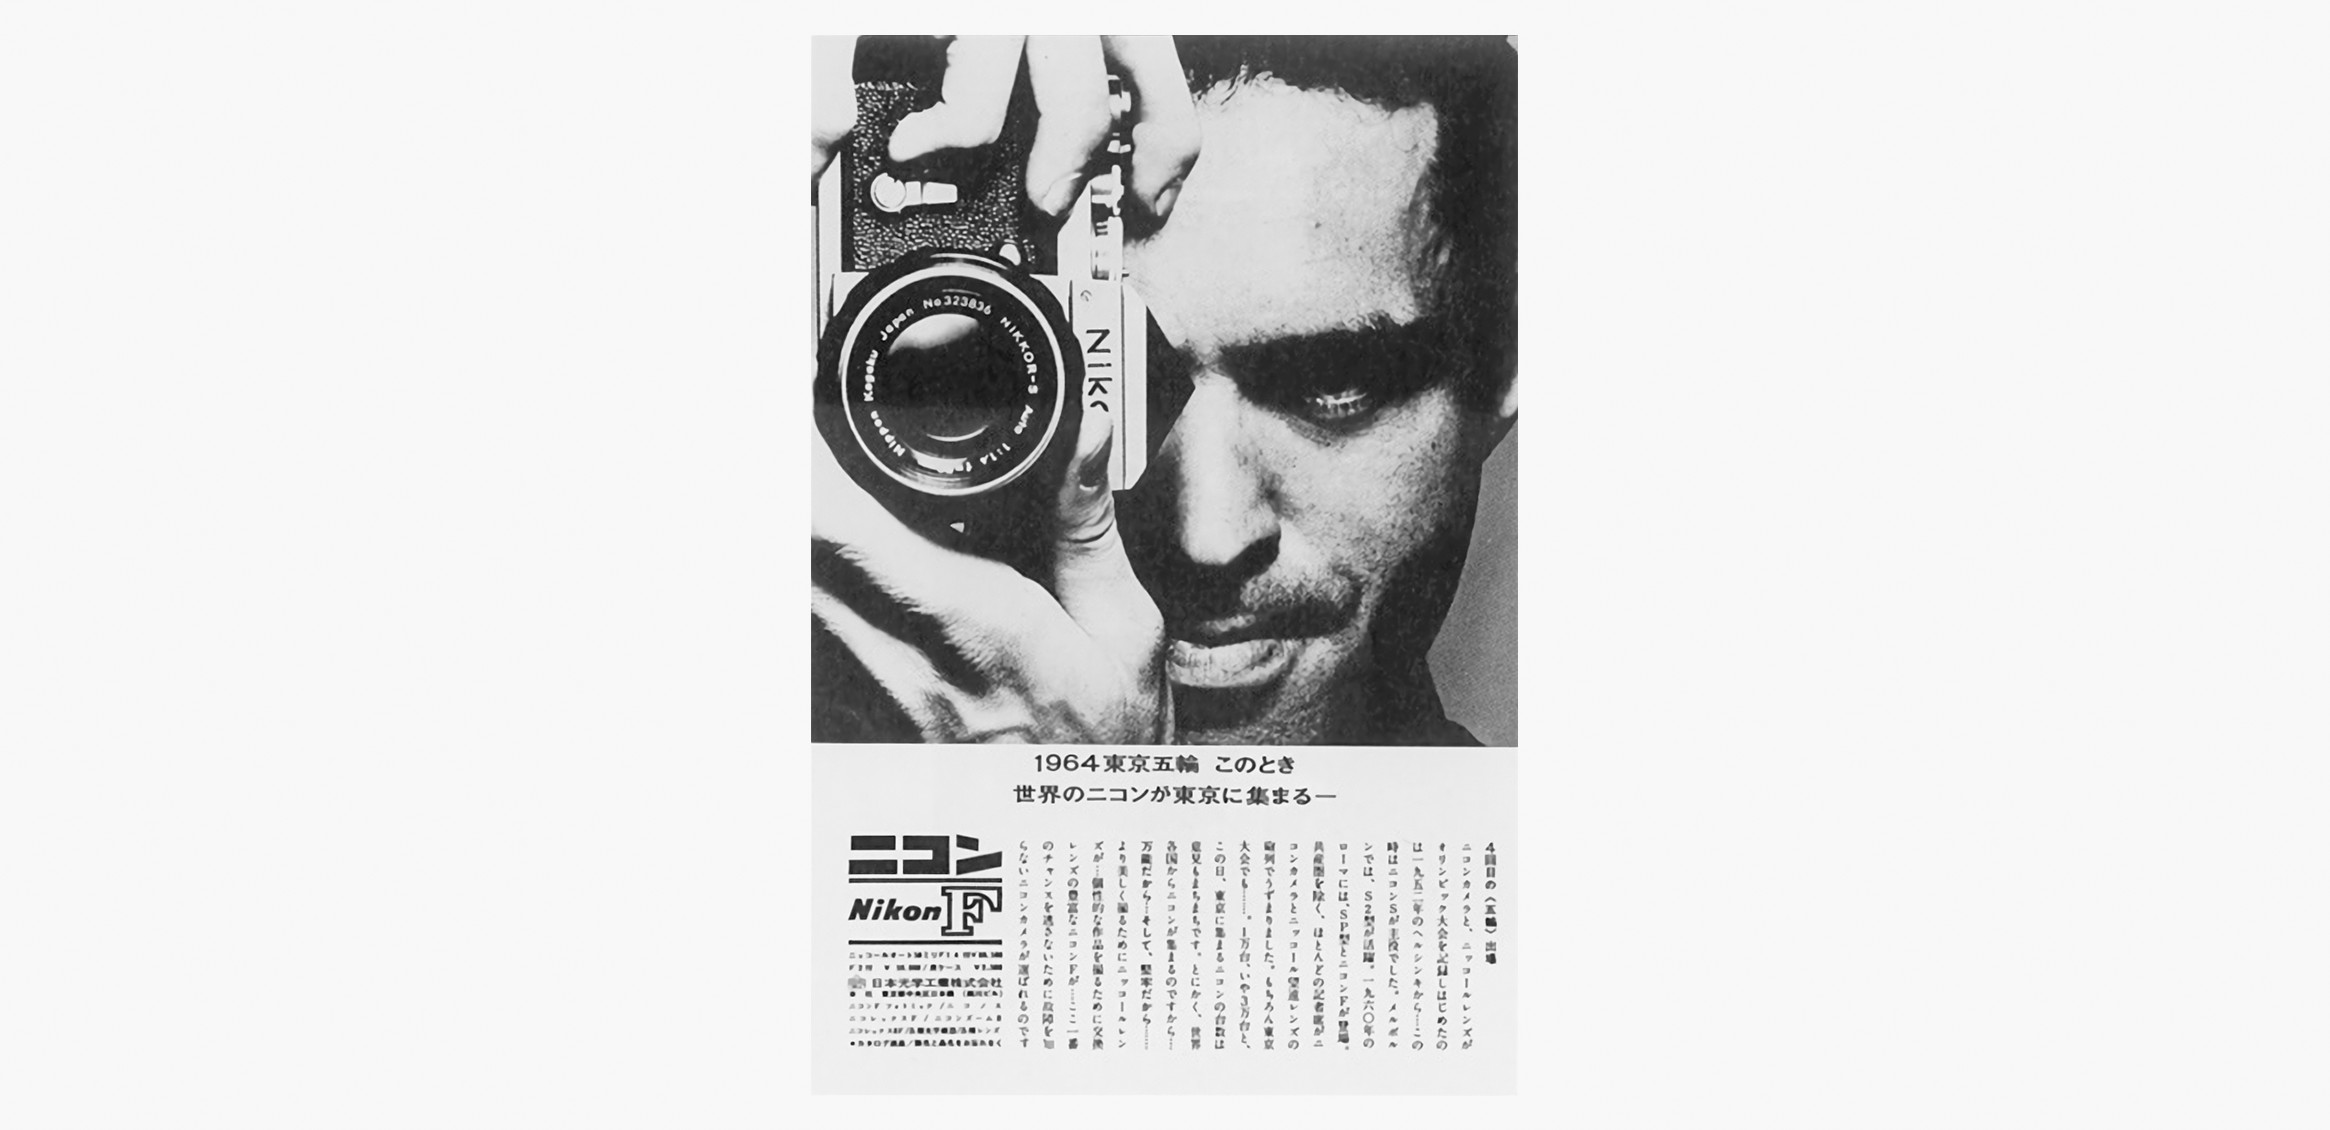 ニコン(日本光学工業) 「1964 東京五輪 このとき世界のニコンが東京に集まる」0枚目